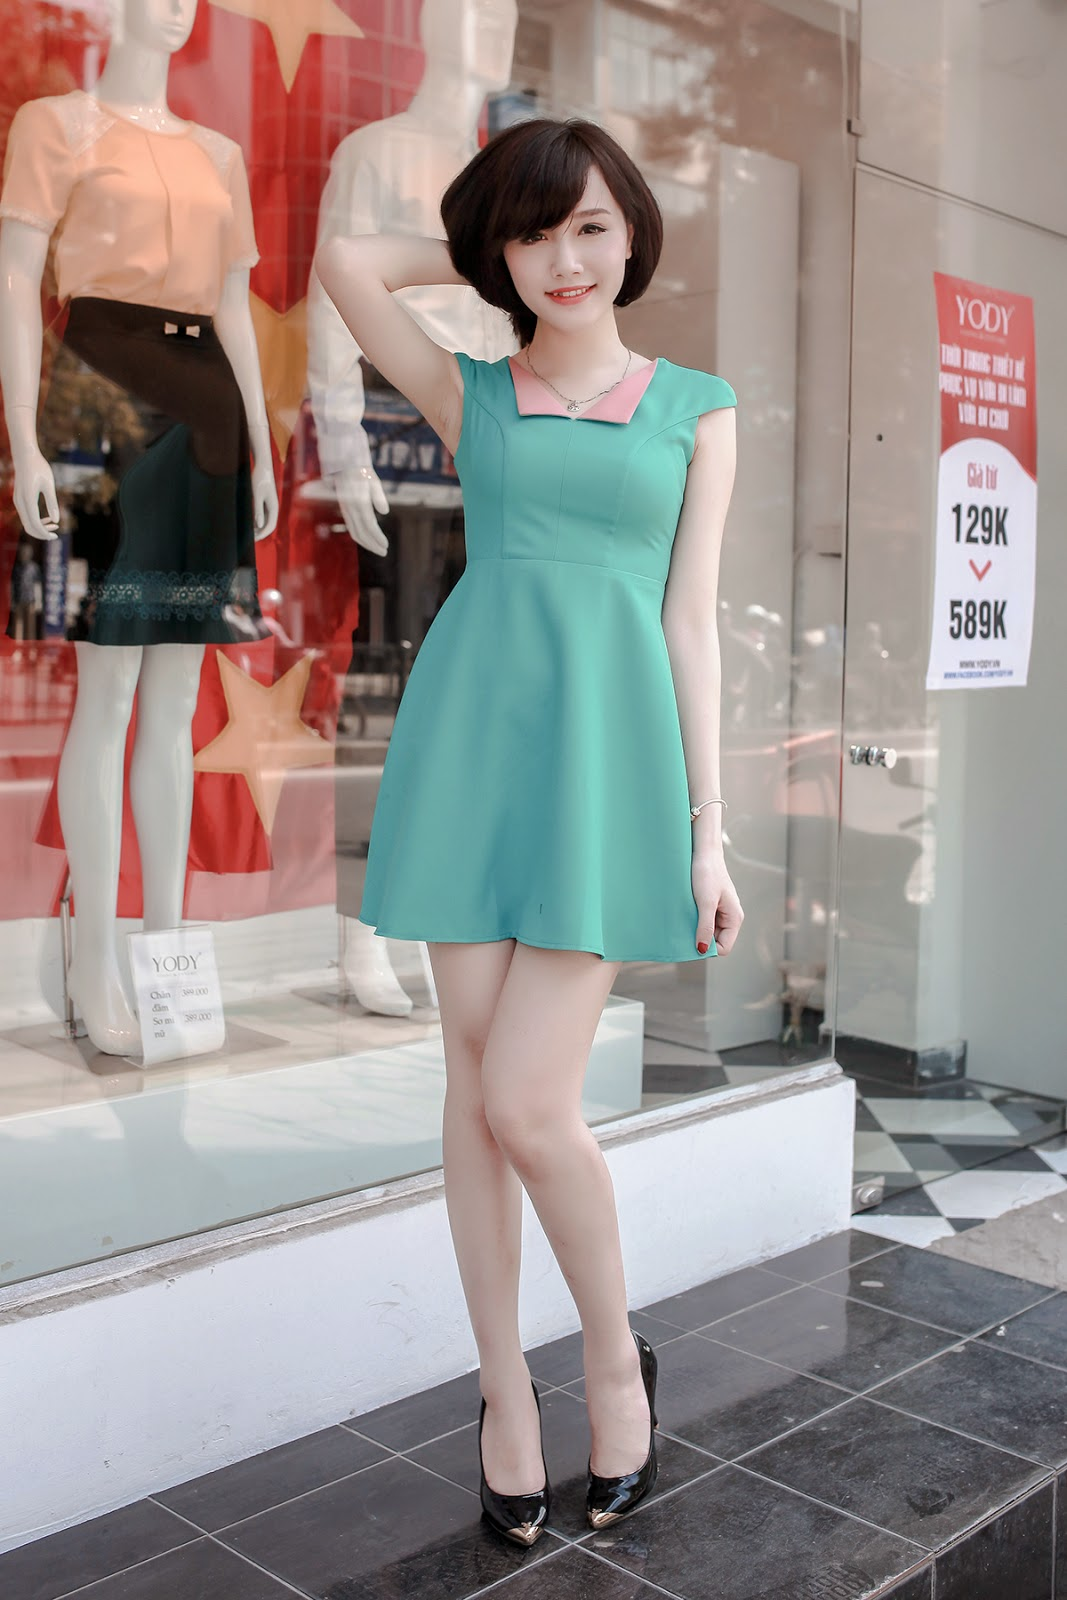 Đầm xòe đẹp Hàn Quốc hè 2015 phong cách trẻ trung cho bạn gái tung tăng dạo phố phần 12